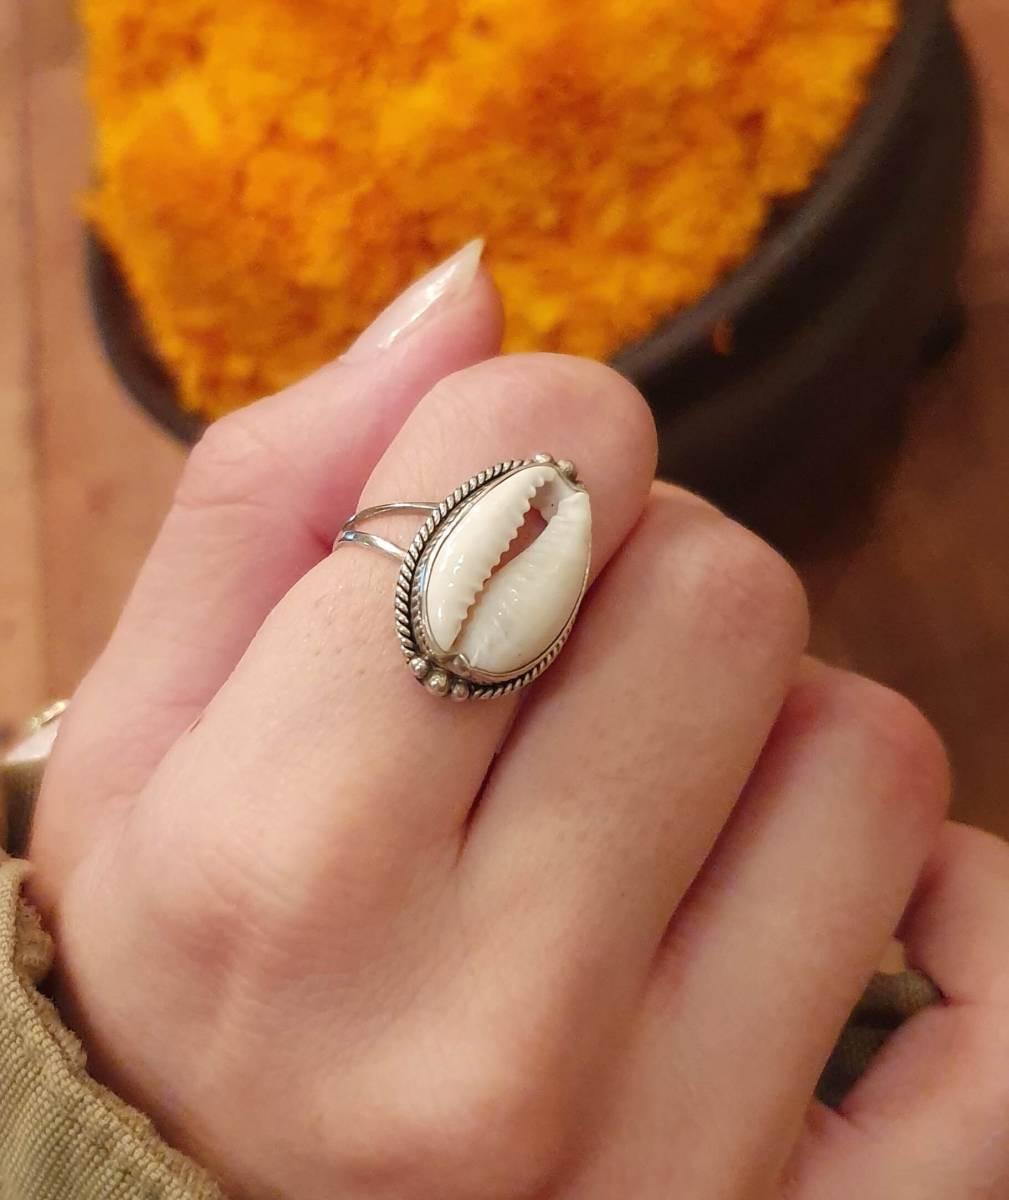 Cowrie Muschel Ring 925 Silber aus Bali Boho Silberring Ibiza Style Strand Schmuck Boho Chic Schmuck Sommer Schmuck